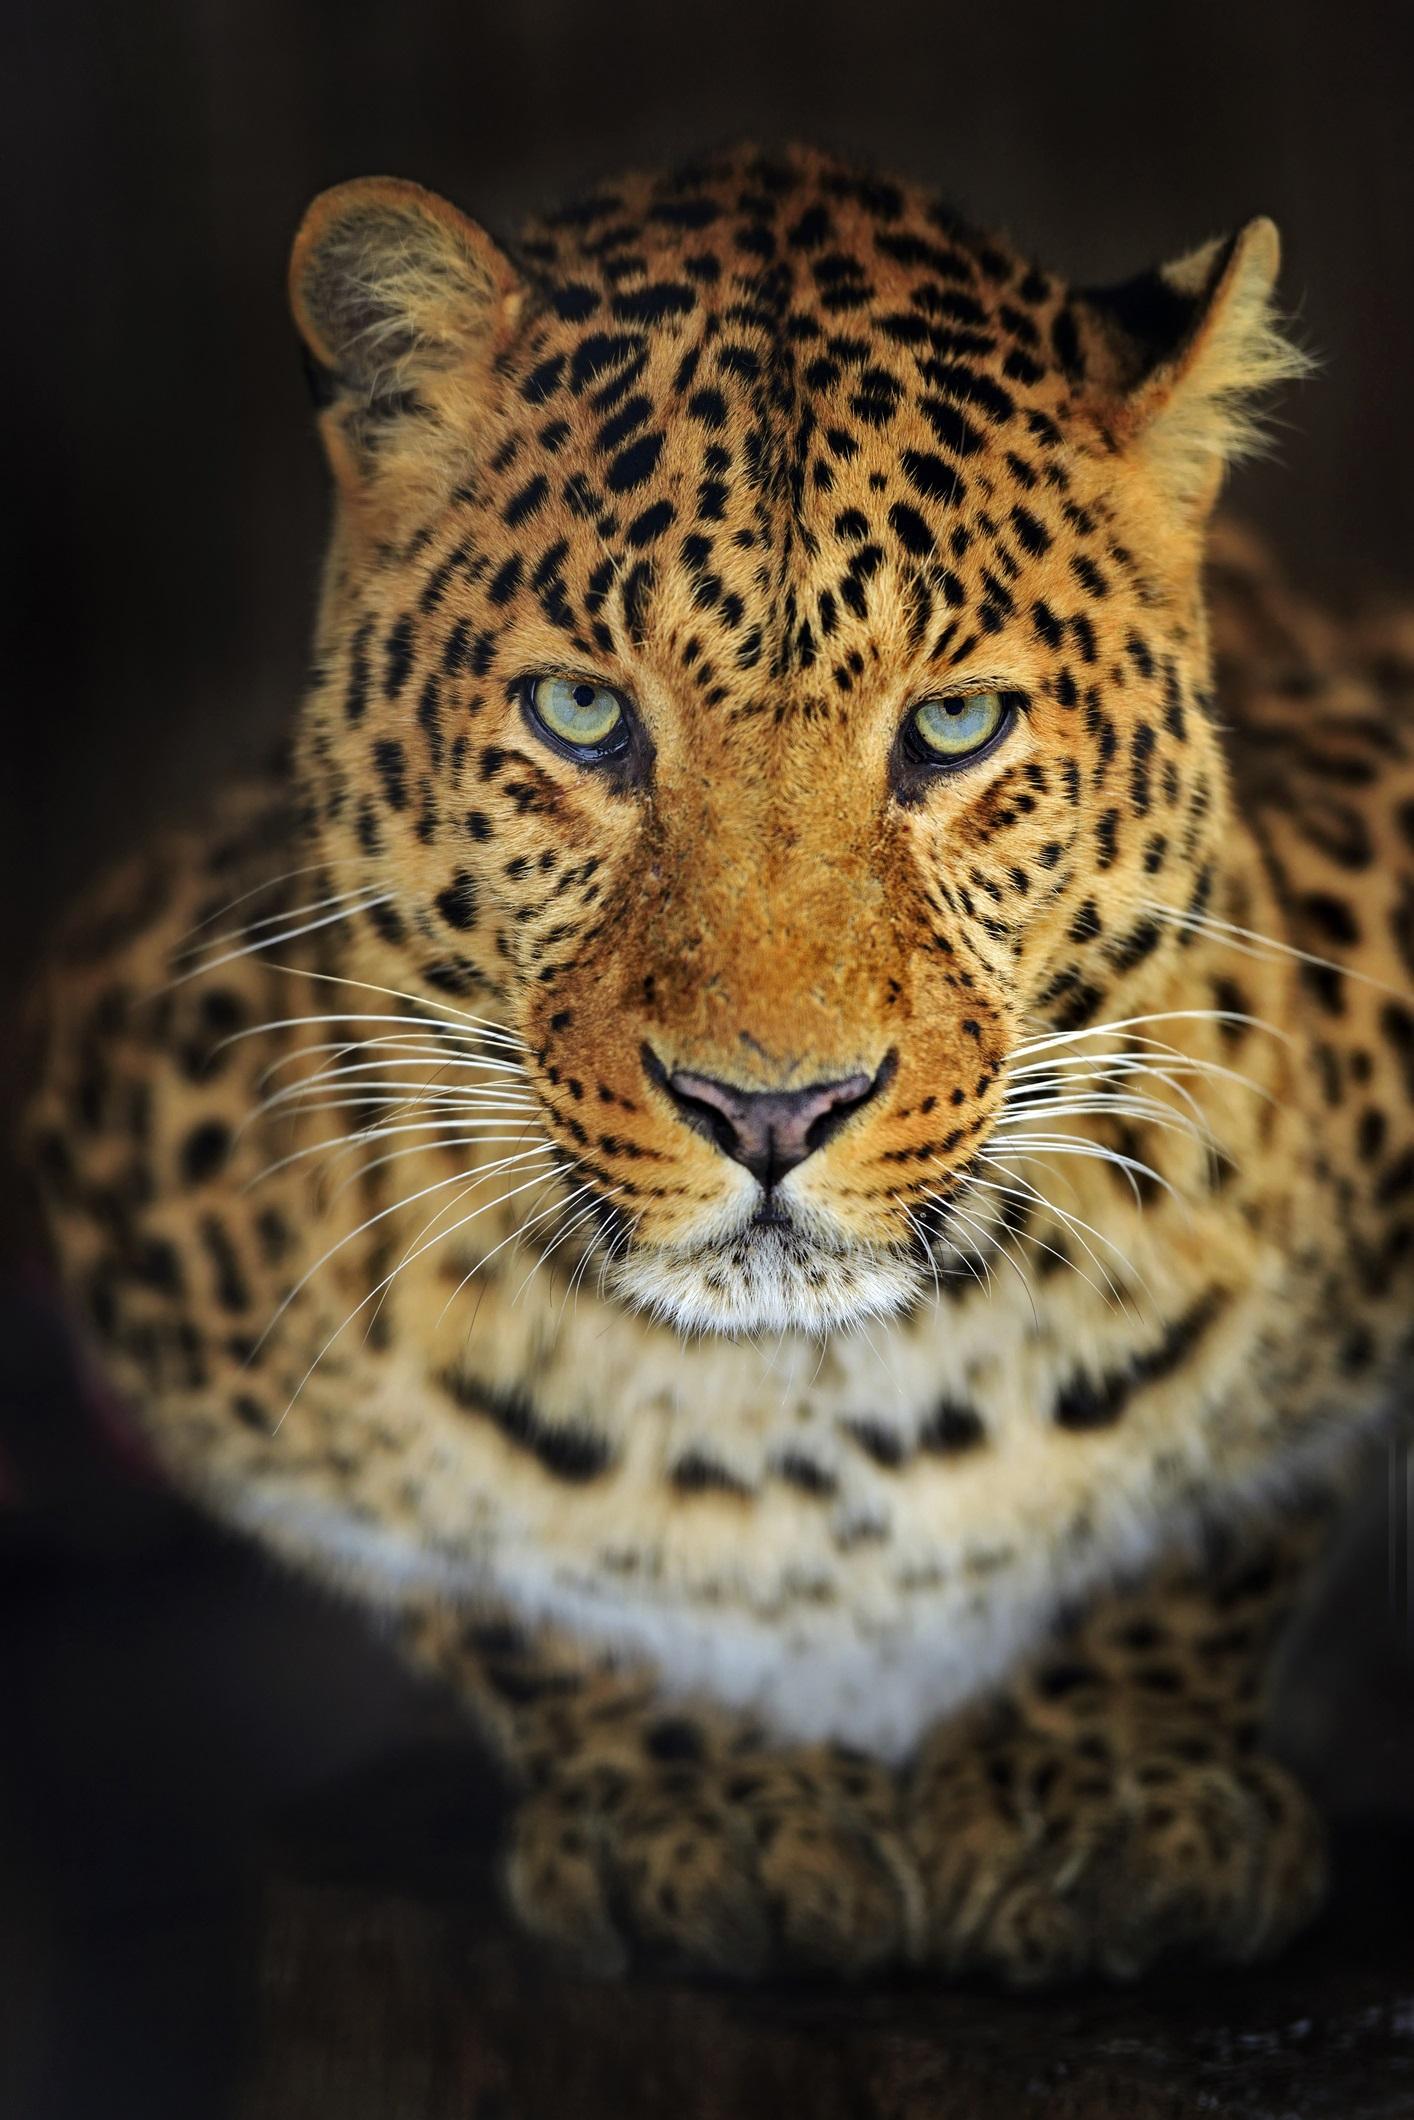 """Леопард, Мумбай<br /> <br /> Между 35и 41 леопарда живеят в Националния парк """"Санджай Ганди"""" в покрайнините на Мубай, Индия. Докато хората се оплакват от лисици и еноти в своите градски дворове, леопардите действително могат нападнат хора и да ги ранят смъртоносно. Тъй като местообитанията на леопардите се свиват, те е местят все по-близо до градовете, за да оцелеят. Някои хора дори се страхуват да напуснат домовете си. Децата в засегнатите райони трябва да се разхождат на групи от шест или повече."""